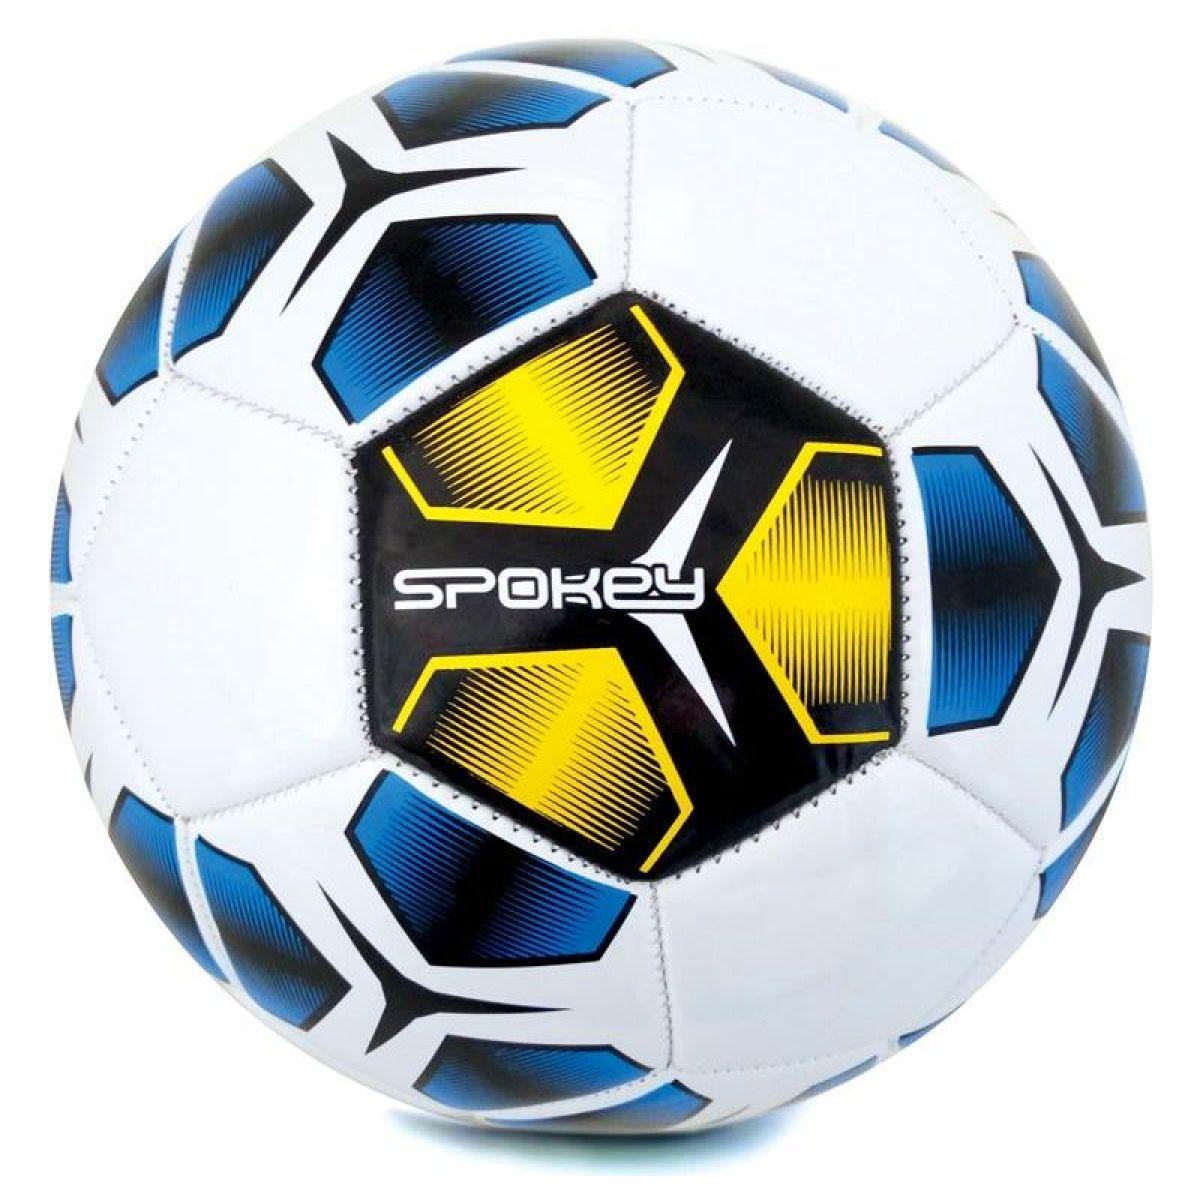 Spokey Haste futbalová lopta veľkosť 5 žltomodrý